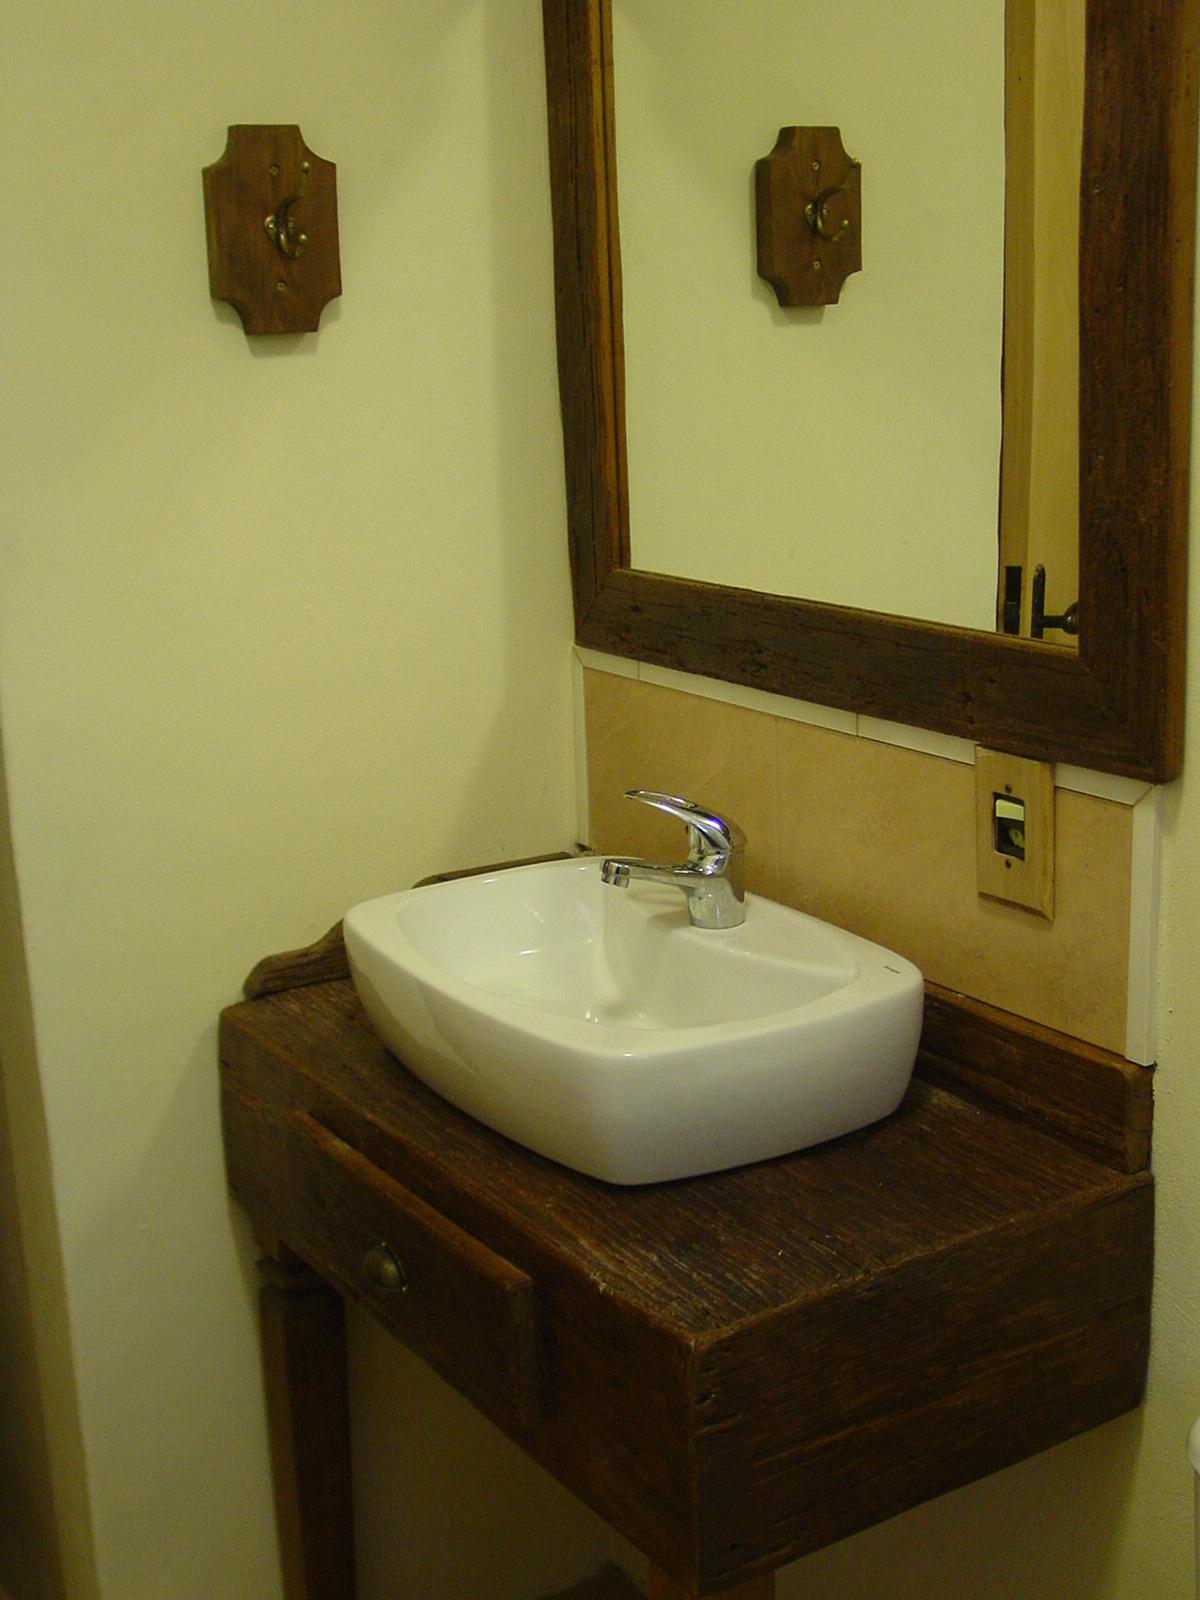 Imagens de #2E2009 suporte para o papel higiênico também é feito na mesma madeira. 1200x1600 px 3626 Banheiros Simples Rusticos